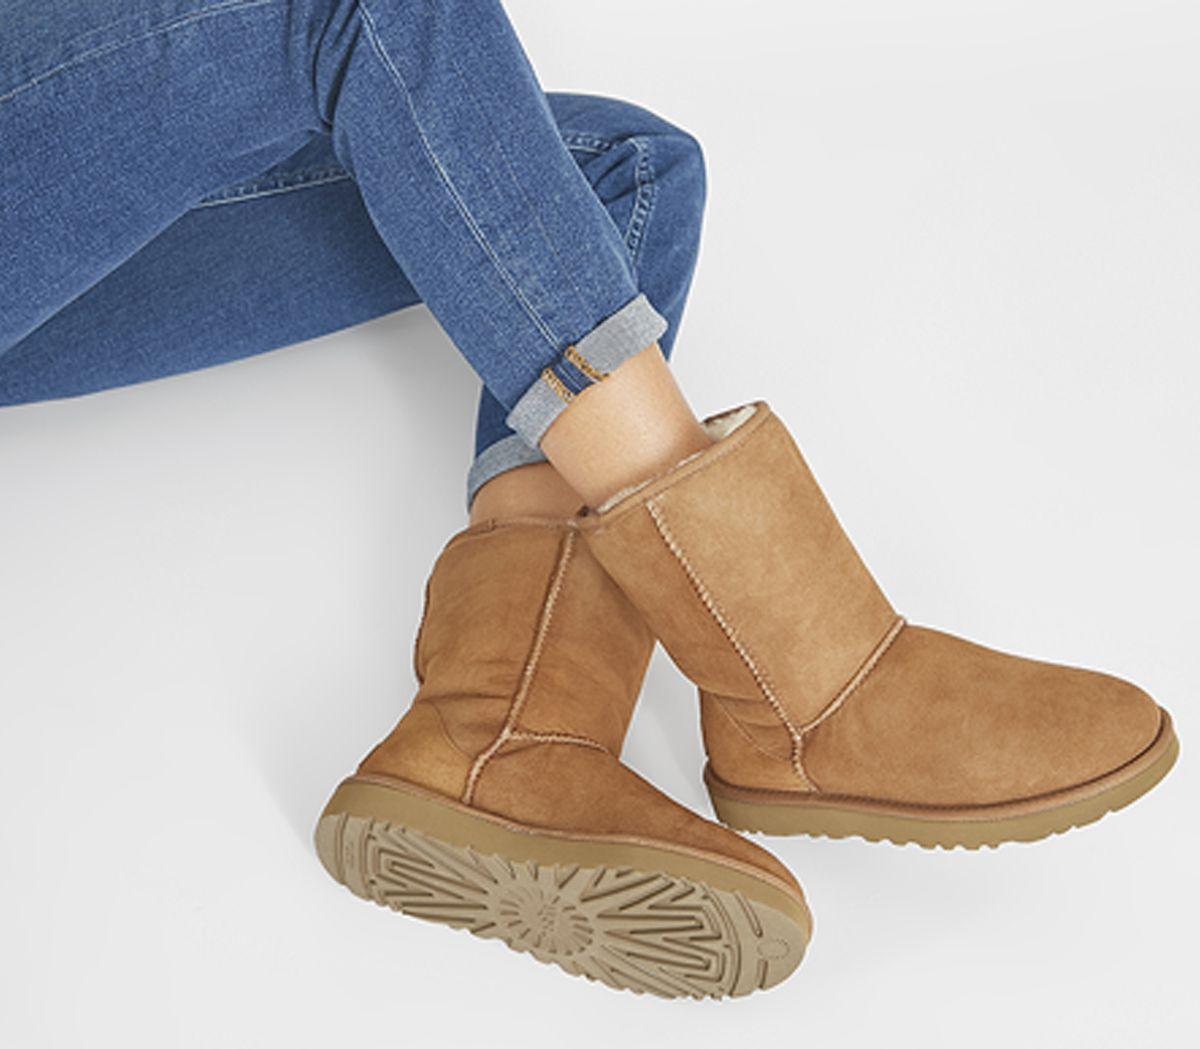 d59ce62f6b7 Classic Short II Boots